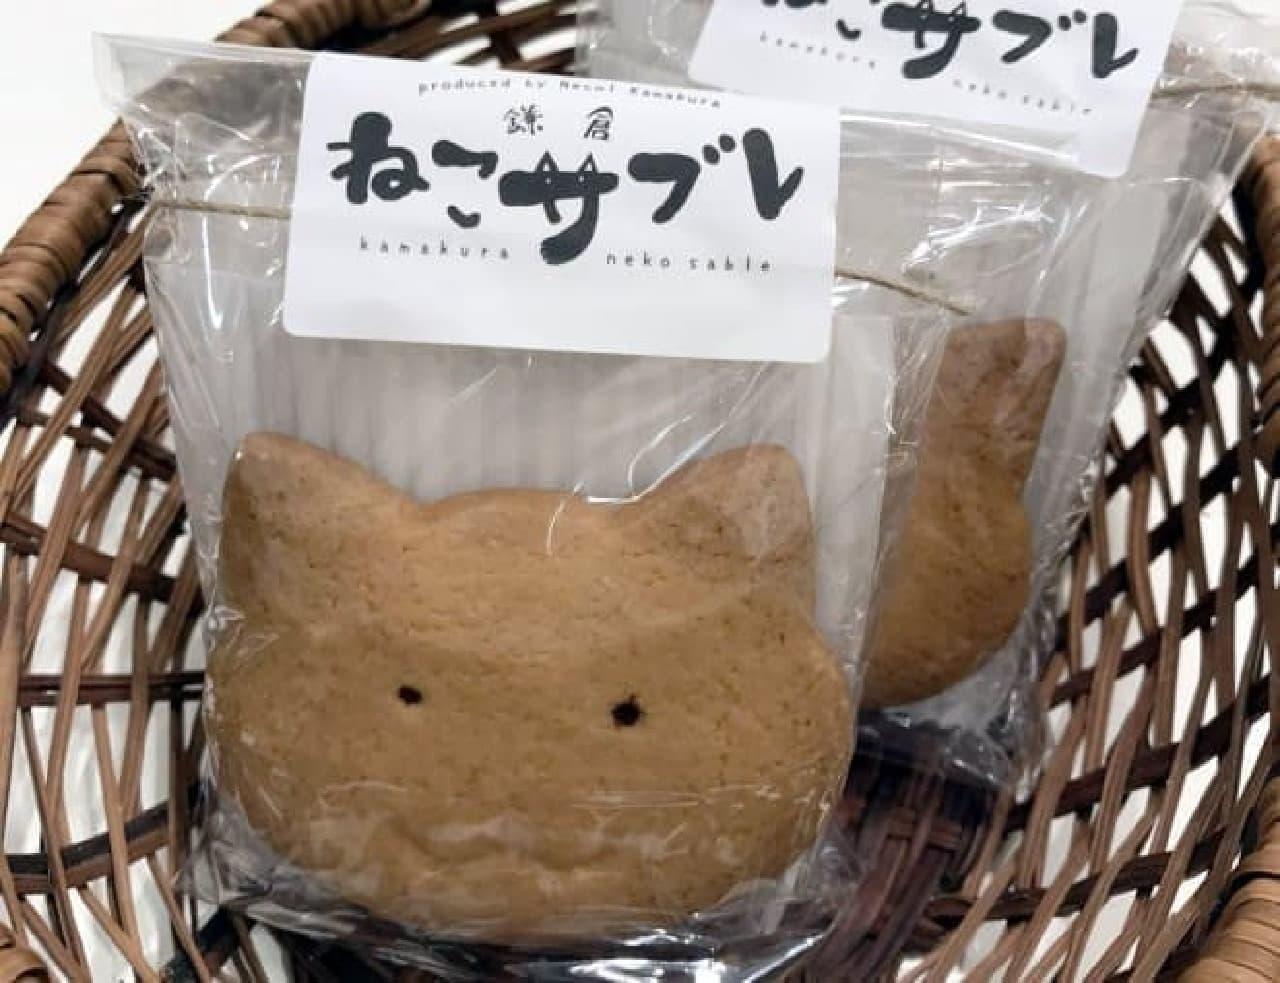 ネコの街鎌倉に、新土産「鎌倉ねこサブレ」